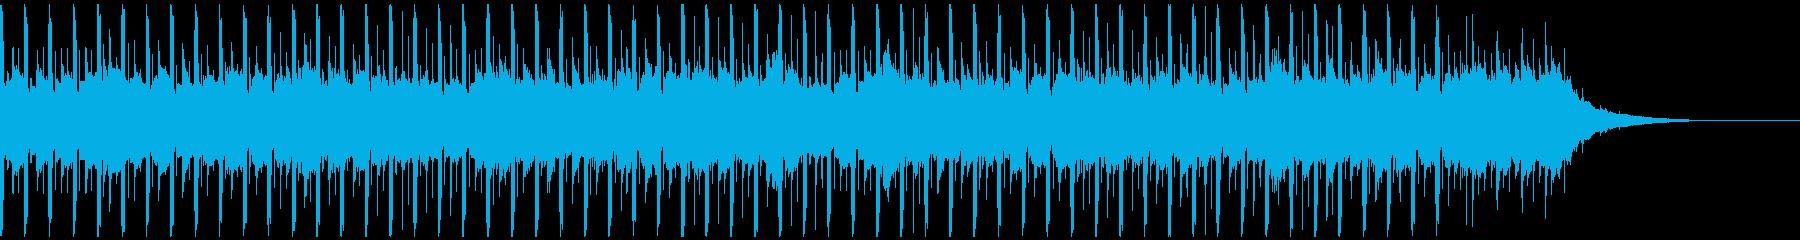 サクセスフルベンチャー(ショート)の再生済みの波形